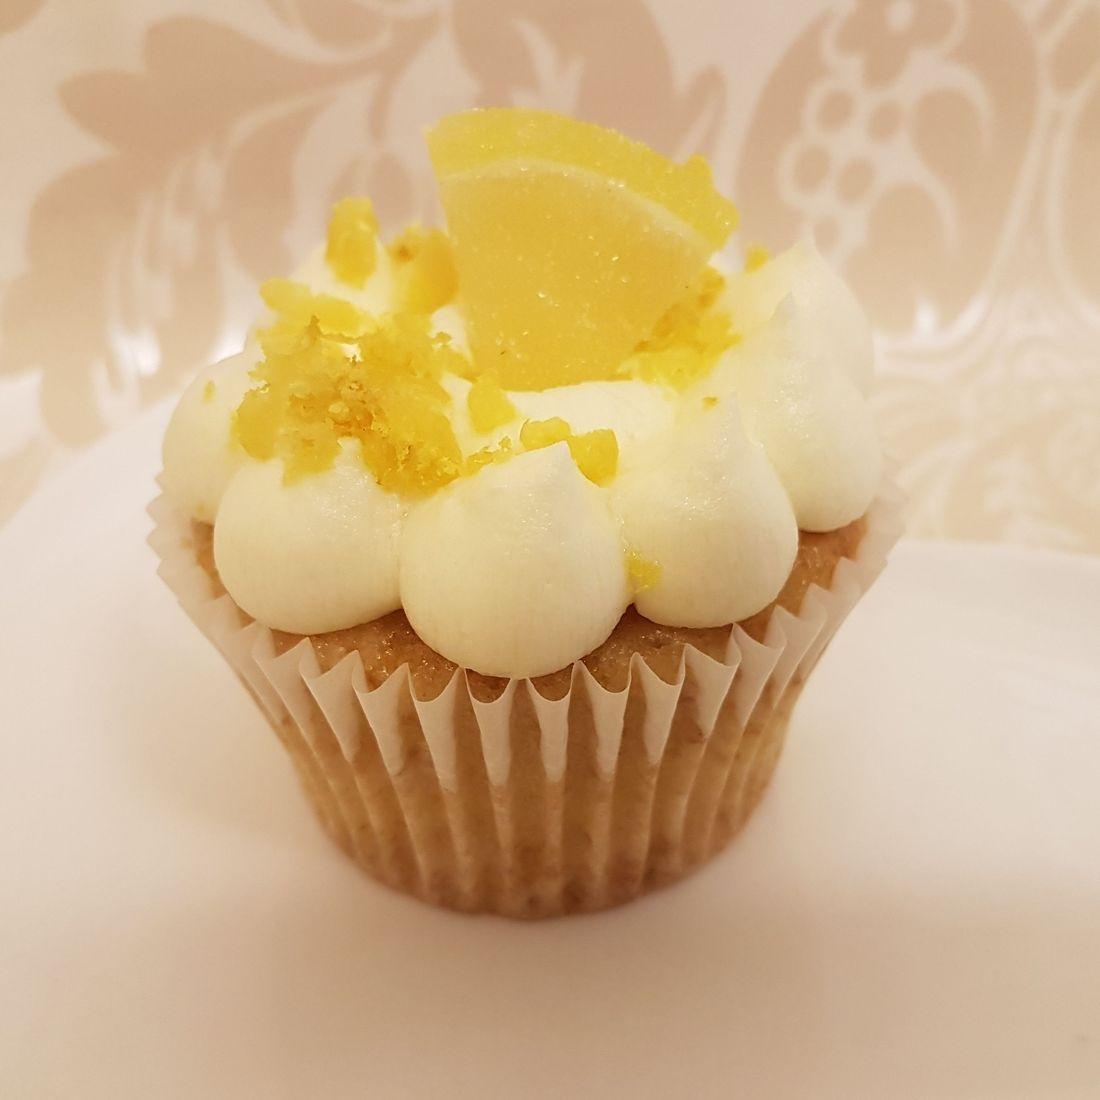 Vegan gluten free Lemon Cupcake